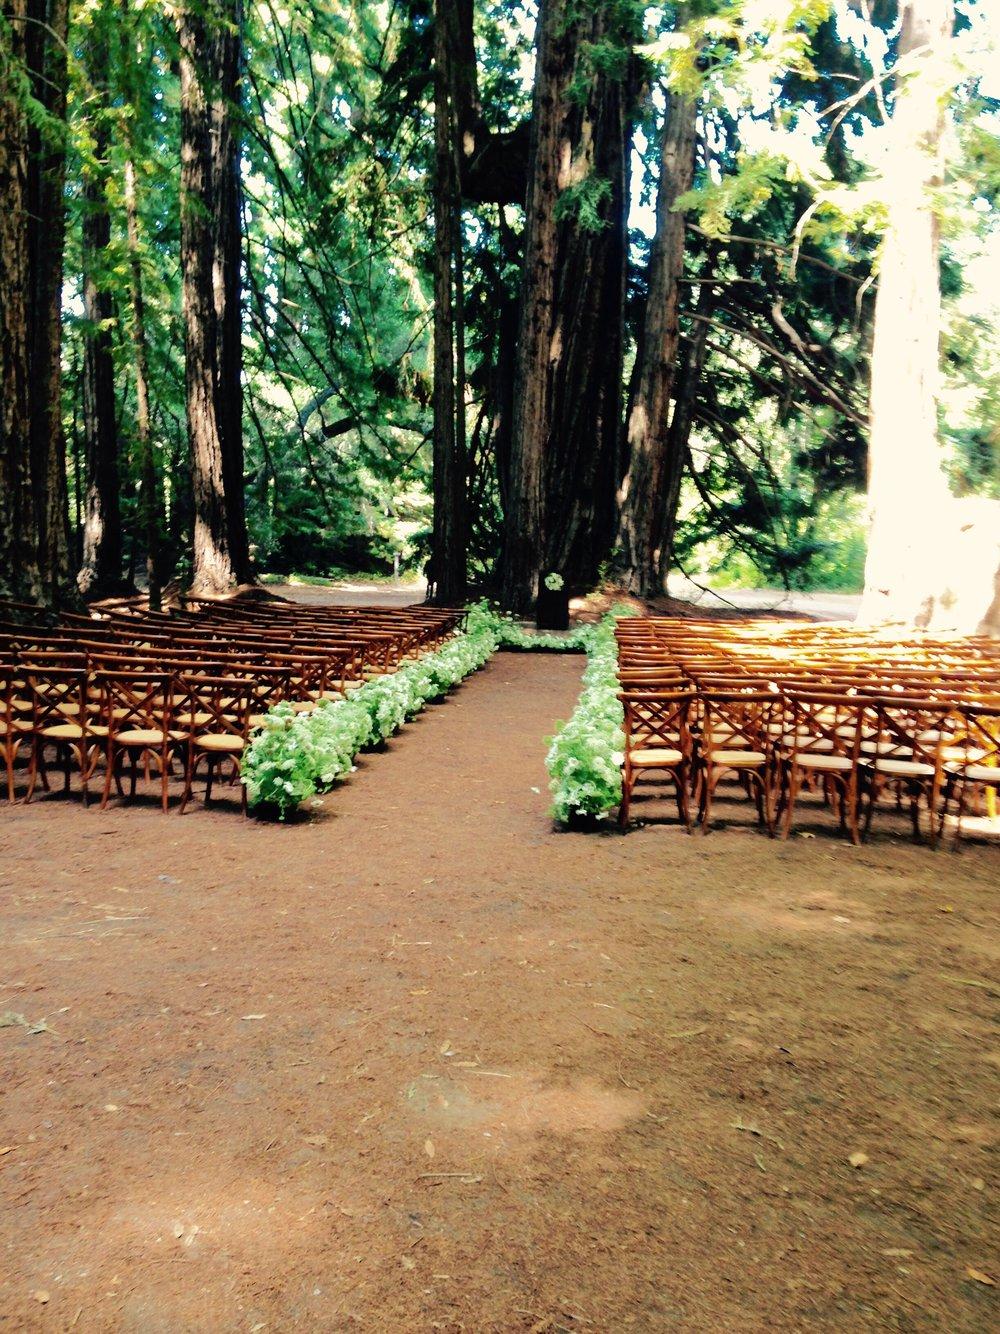 Olive Sky_Weddings Abroad33.jpg